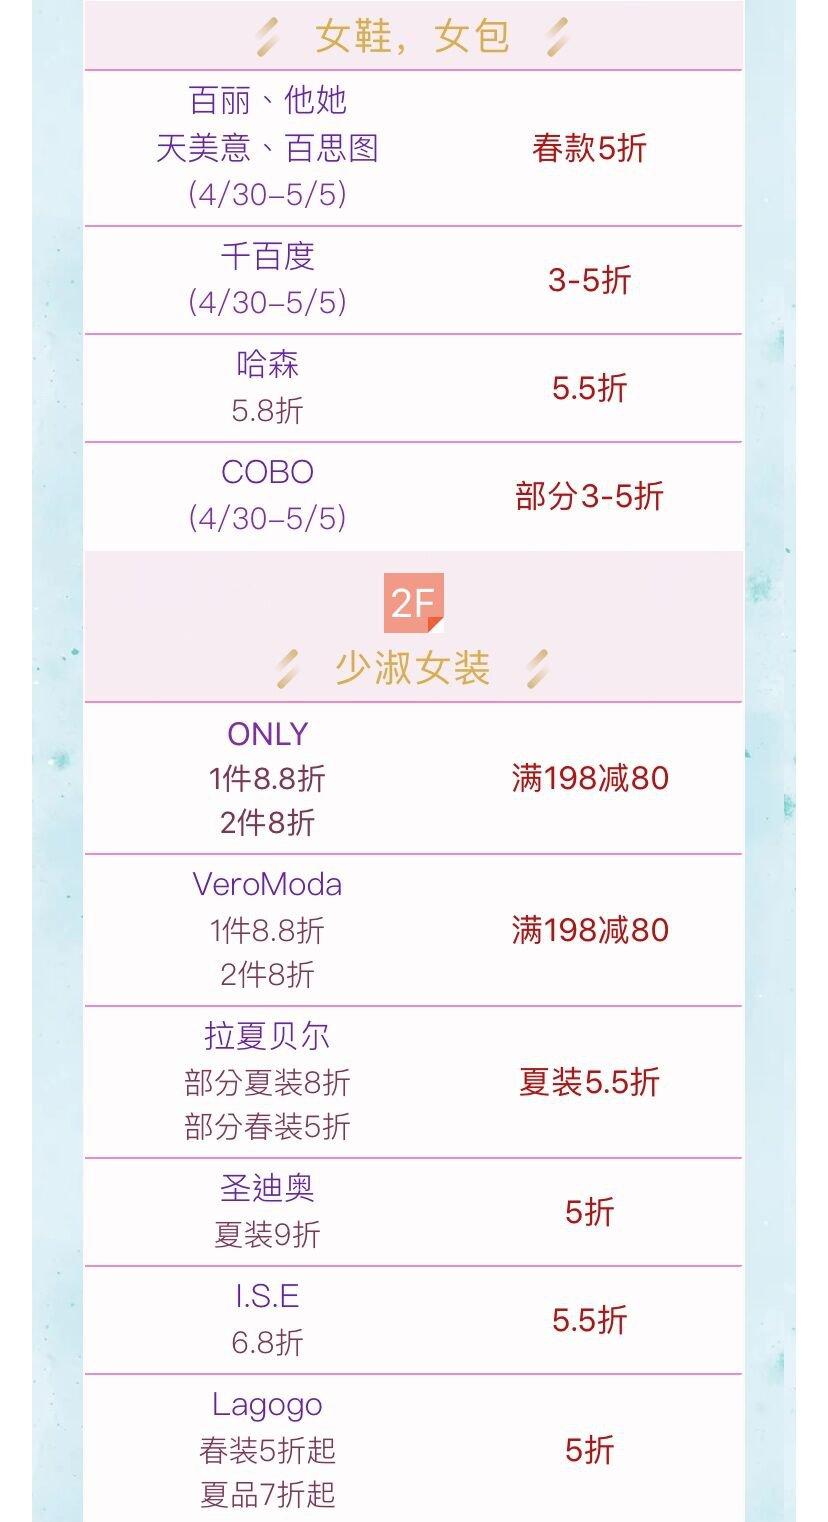 上海六百五五購物節折扣一覽